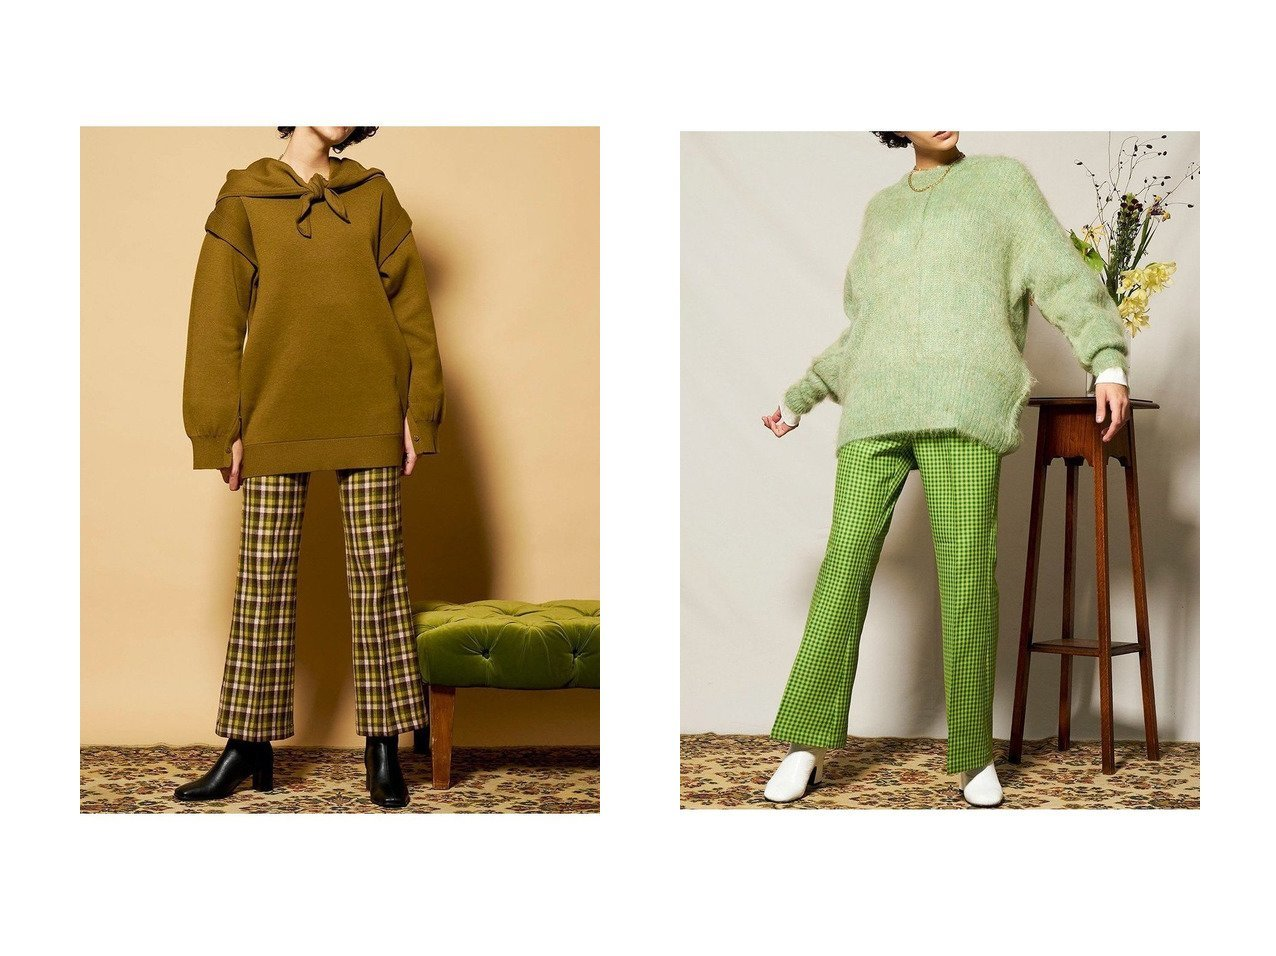 【MAISON SPECIAL/メゾンスペシャル】のモヘヤミックスニットプルオーバー&スカーフ付きプルオーバーニット トップス・カットソーのおすすめ!人気、レディースファッションの通販 おすすめで人気のファッション通販商品 インテリア・家具・キッズファッション・メンズファッション・レディースファッション・服の通販 founy(ファニー) https://founy.com/ ファッション Fashion レディース WOMEN トップス Tops Tshirt ニット Knit Tops プルオーバー Pullover スカーフ ストール スリット シルク センター モヘヤ ワンポイント 秋冬 A/W Autumn/ Winter |ID:crp329100000001902